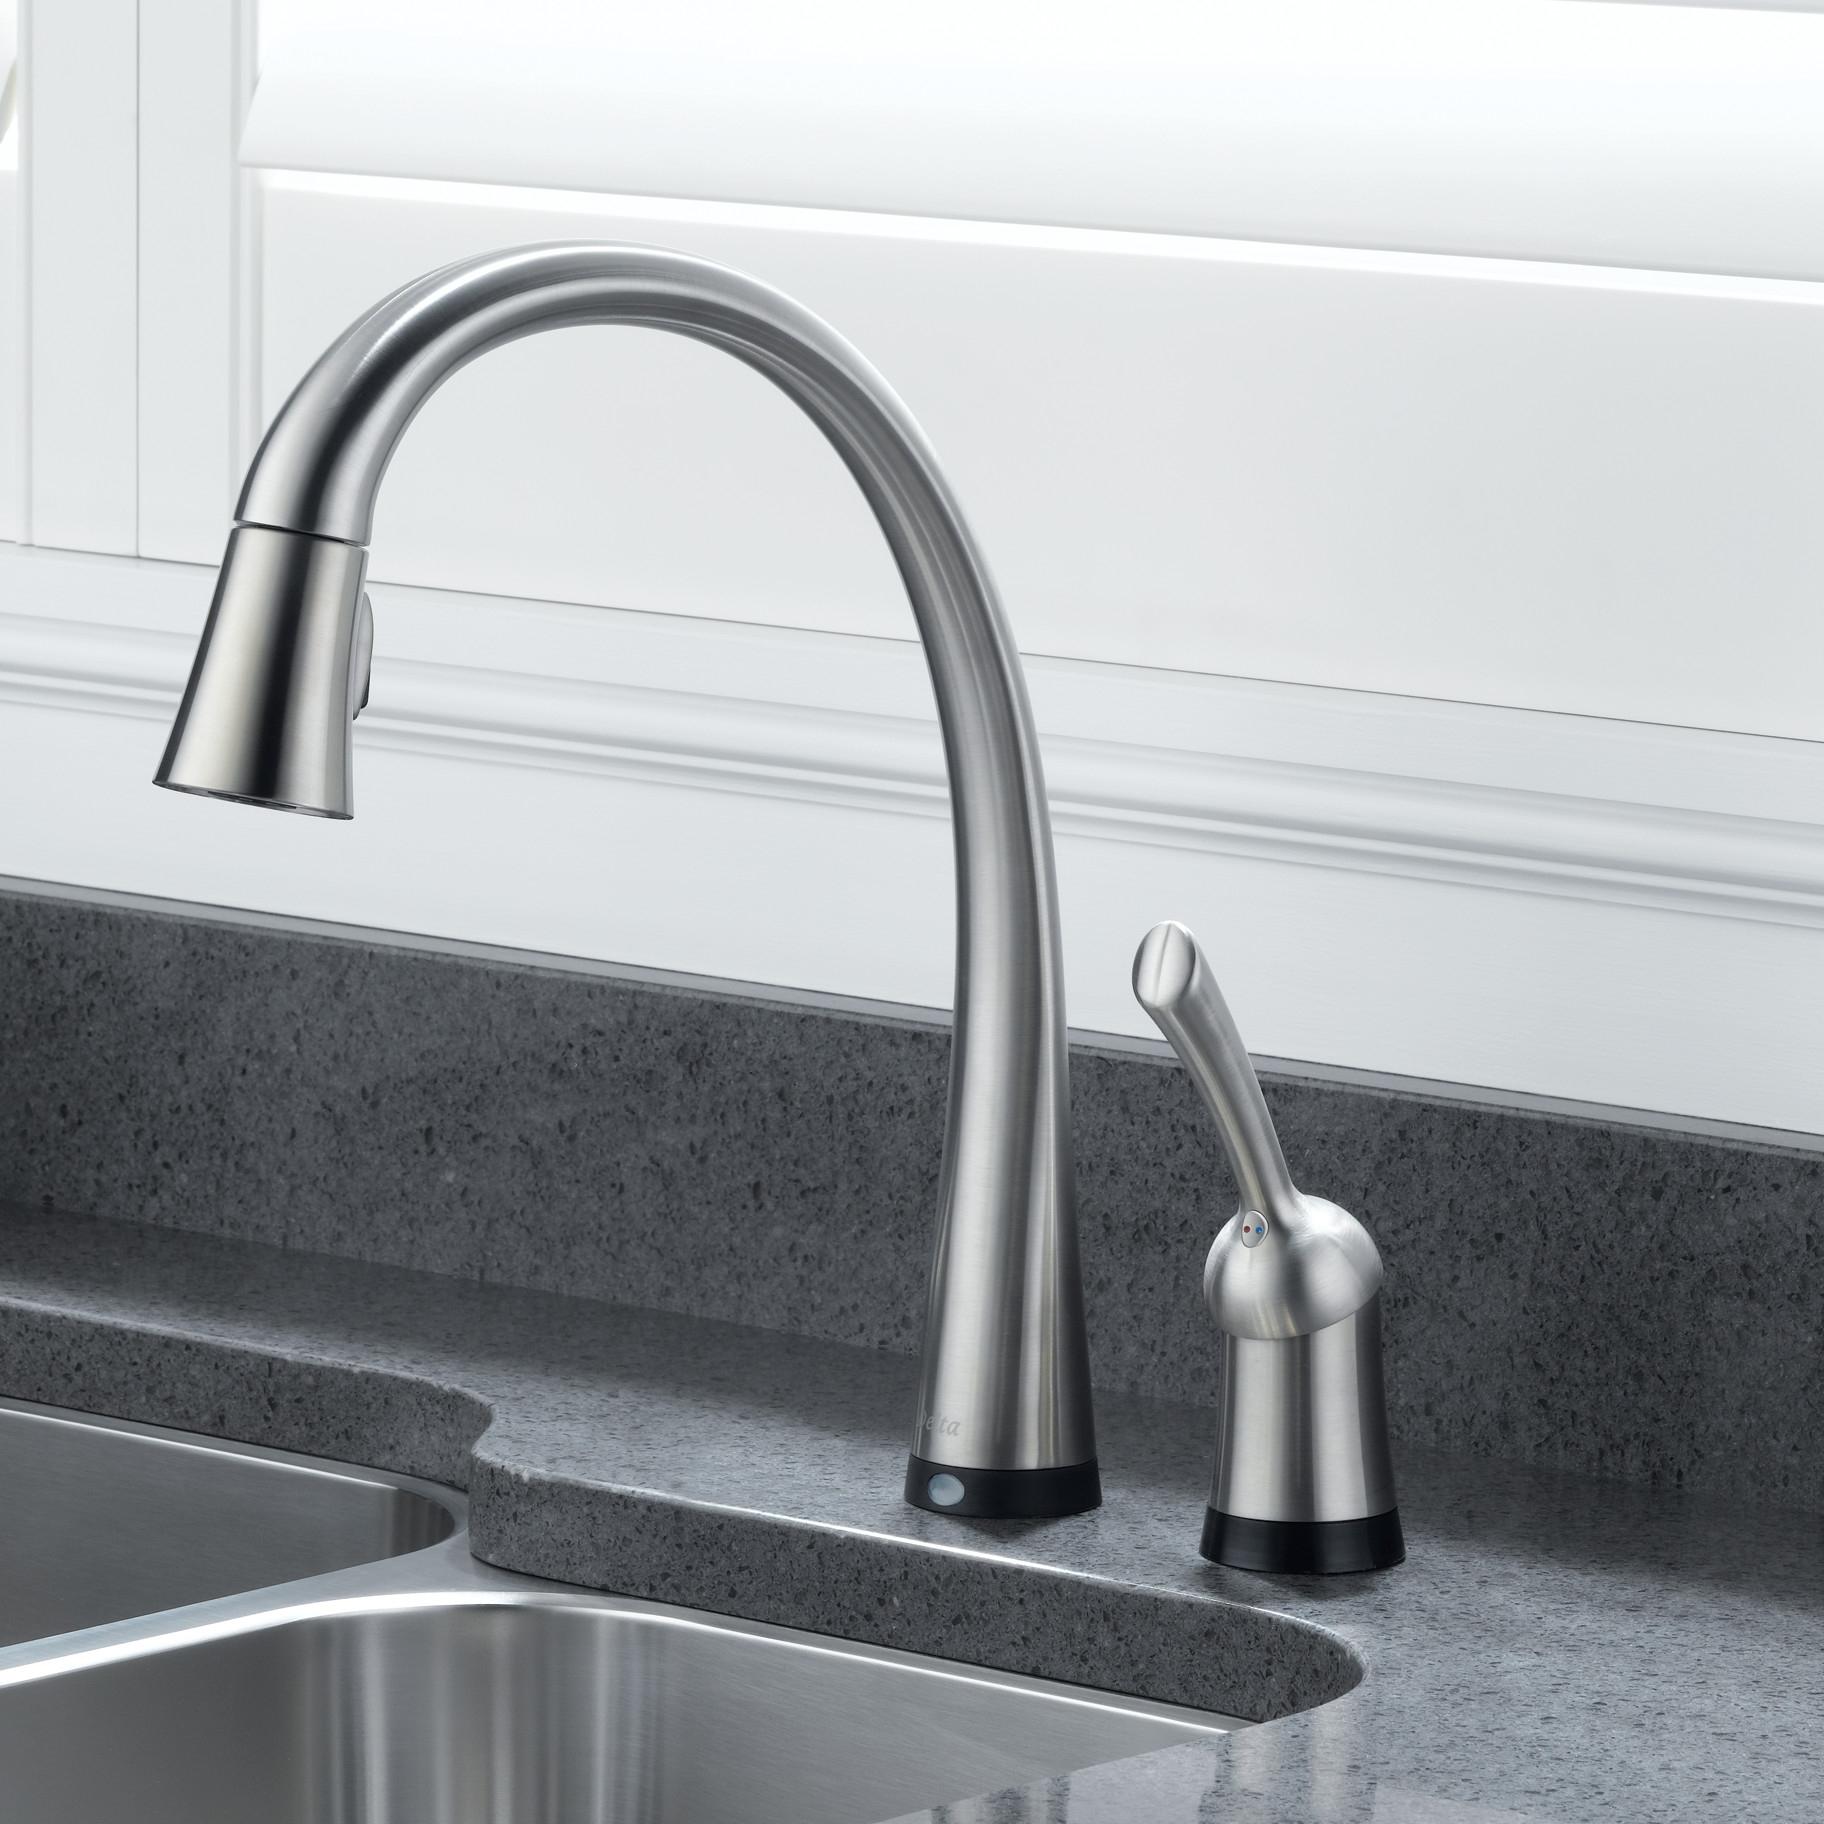 Ideas, delta no touch kitchen faucet troubleshooting delta no touch kitchen faucet troubleshooting faucet delta no touch kitchen faucet 1824 x 1824  .